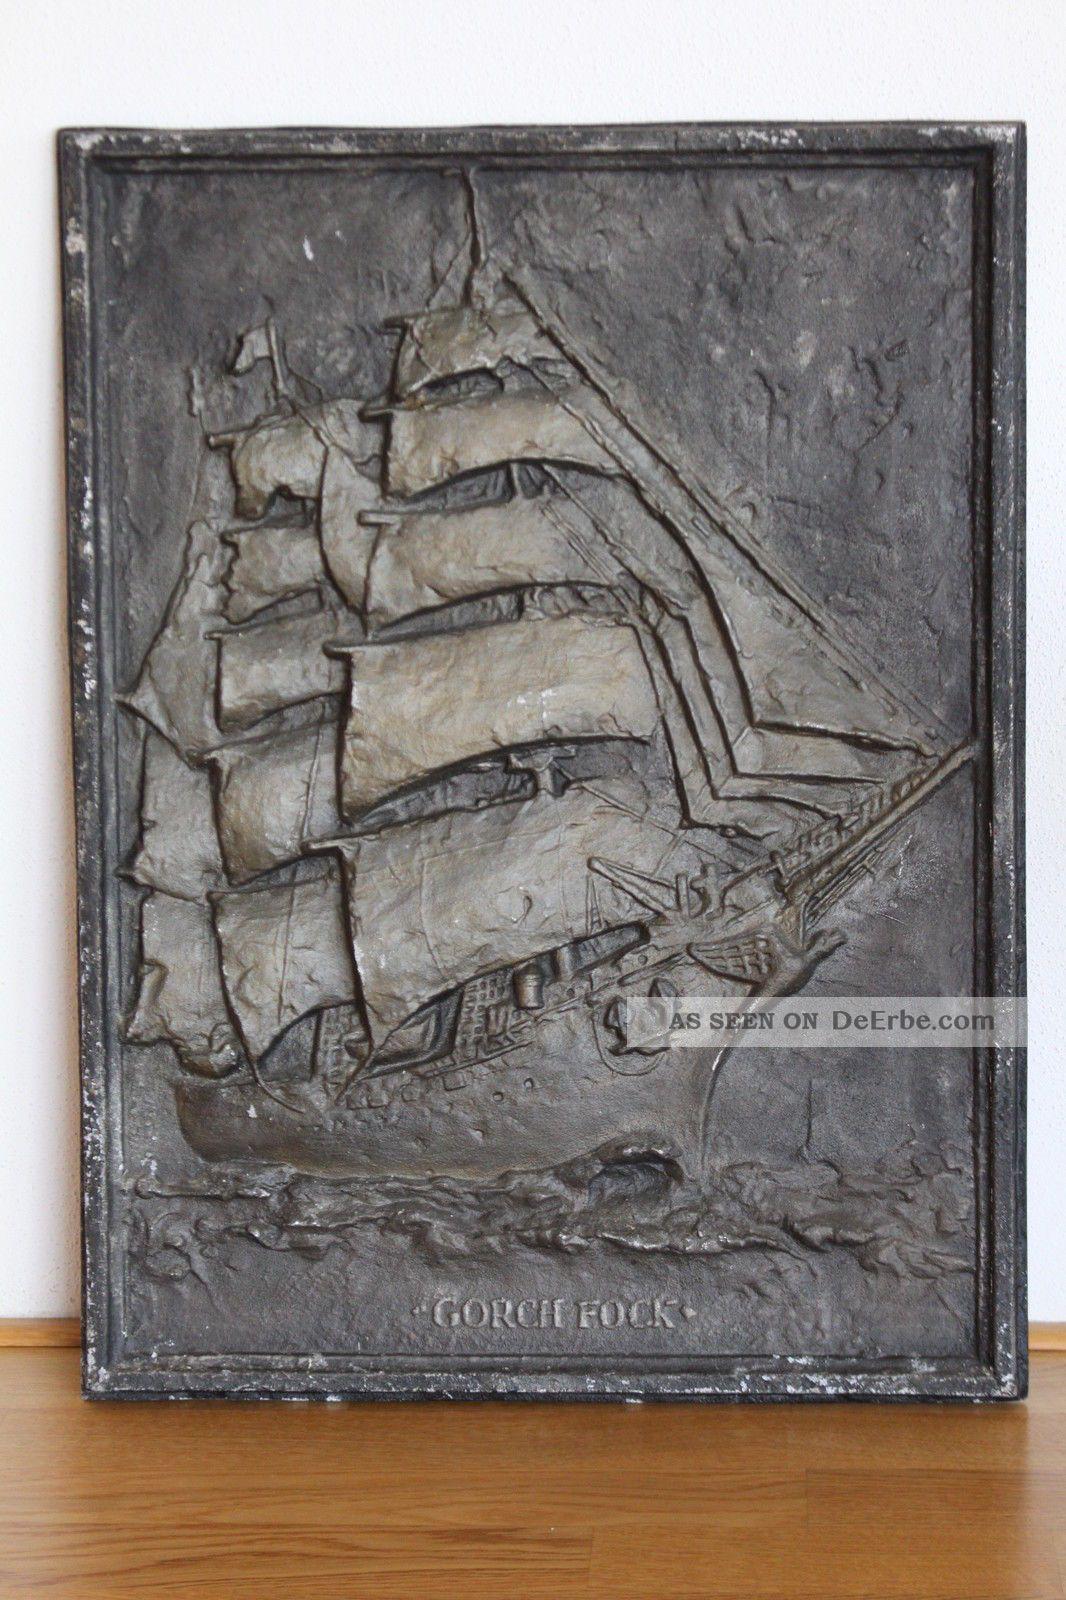 Riesiger Kunstguss Gorch Fock Segelschiff 1958 Deutsche Marine 45,  7 X 60,  7cm 6kg Gefertigt nach 1945 Bild